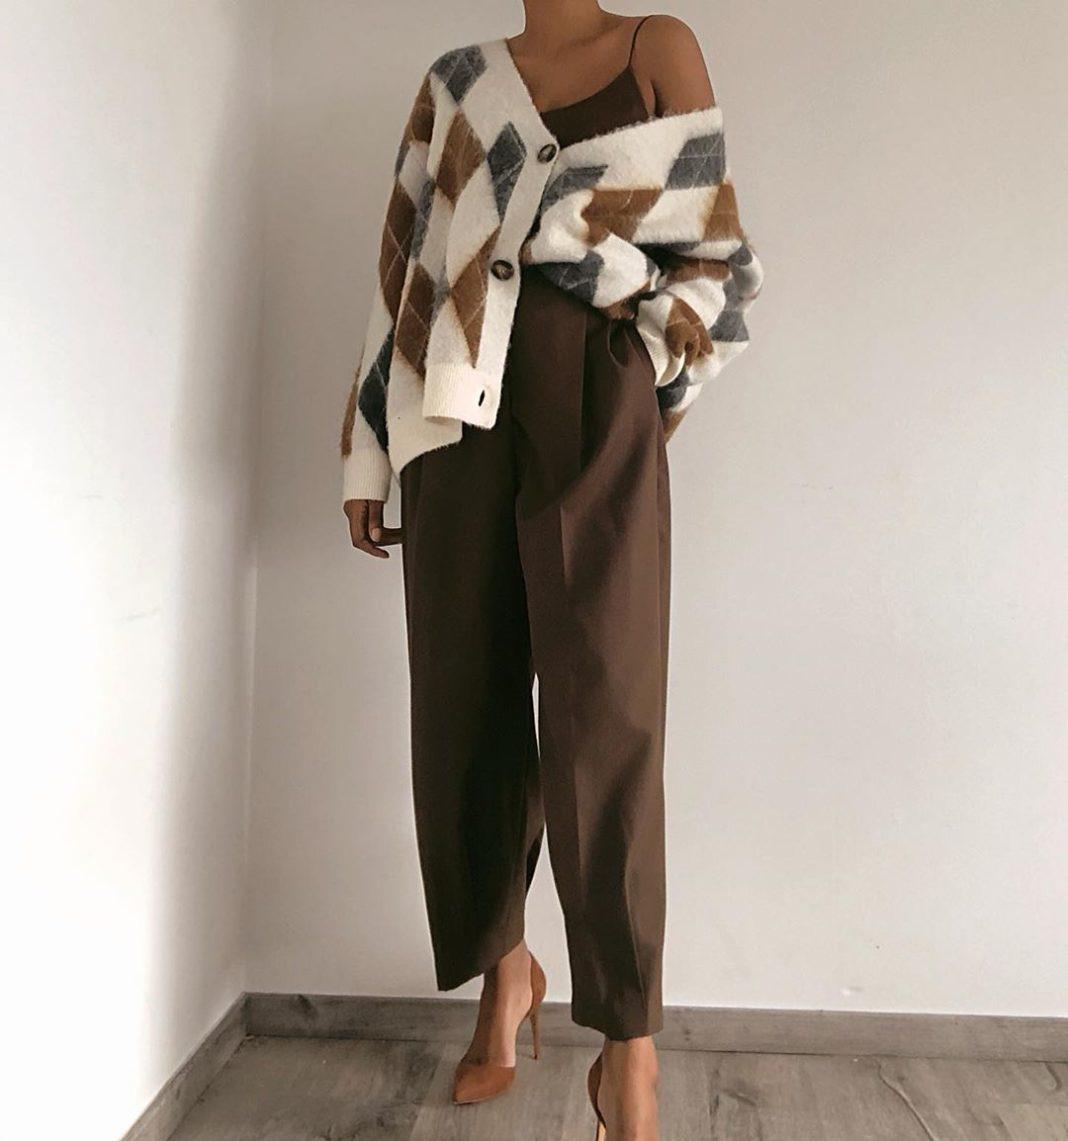 С чем носить брюки-кюлоты девушке? фото. летом, осенью, зимой, весной. популярные фасоны